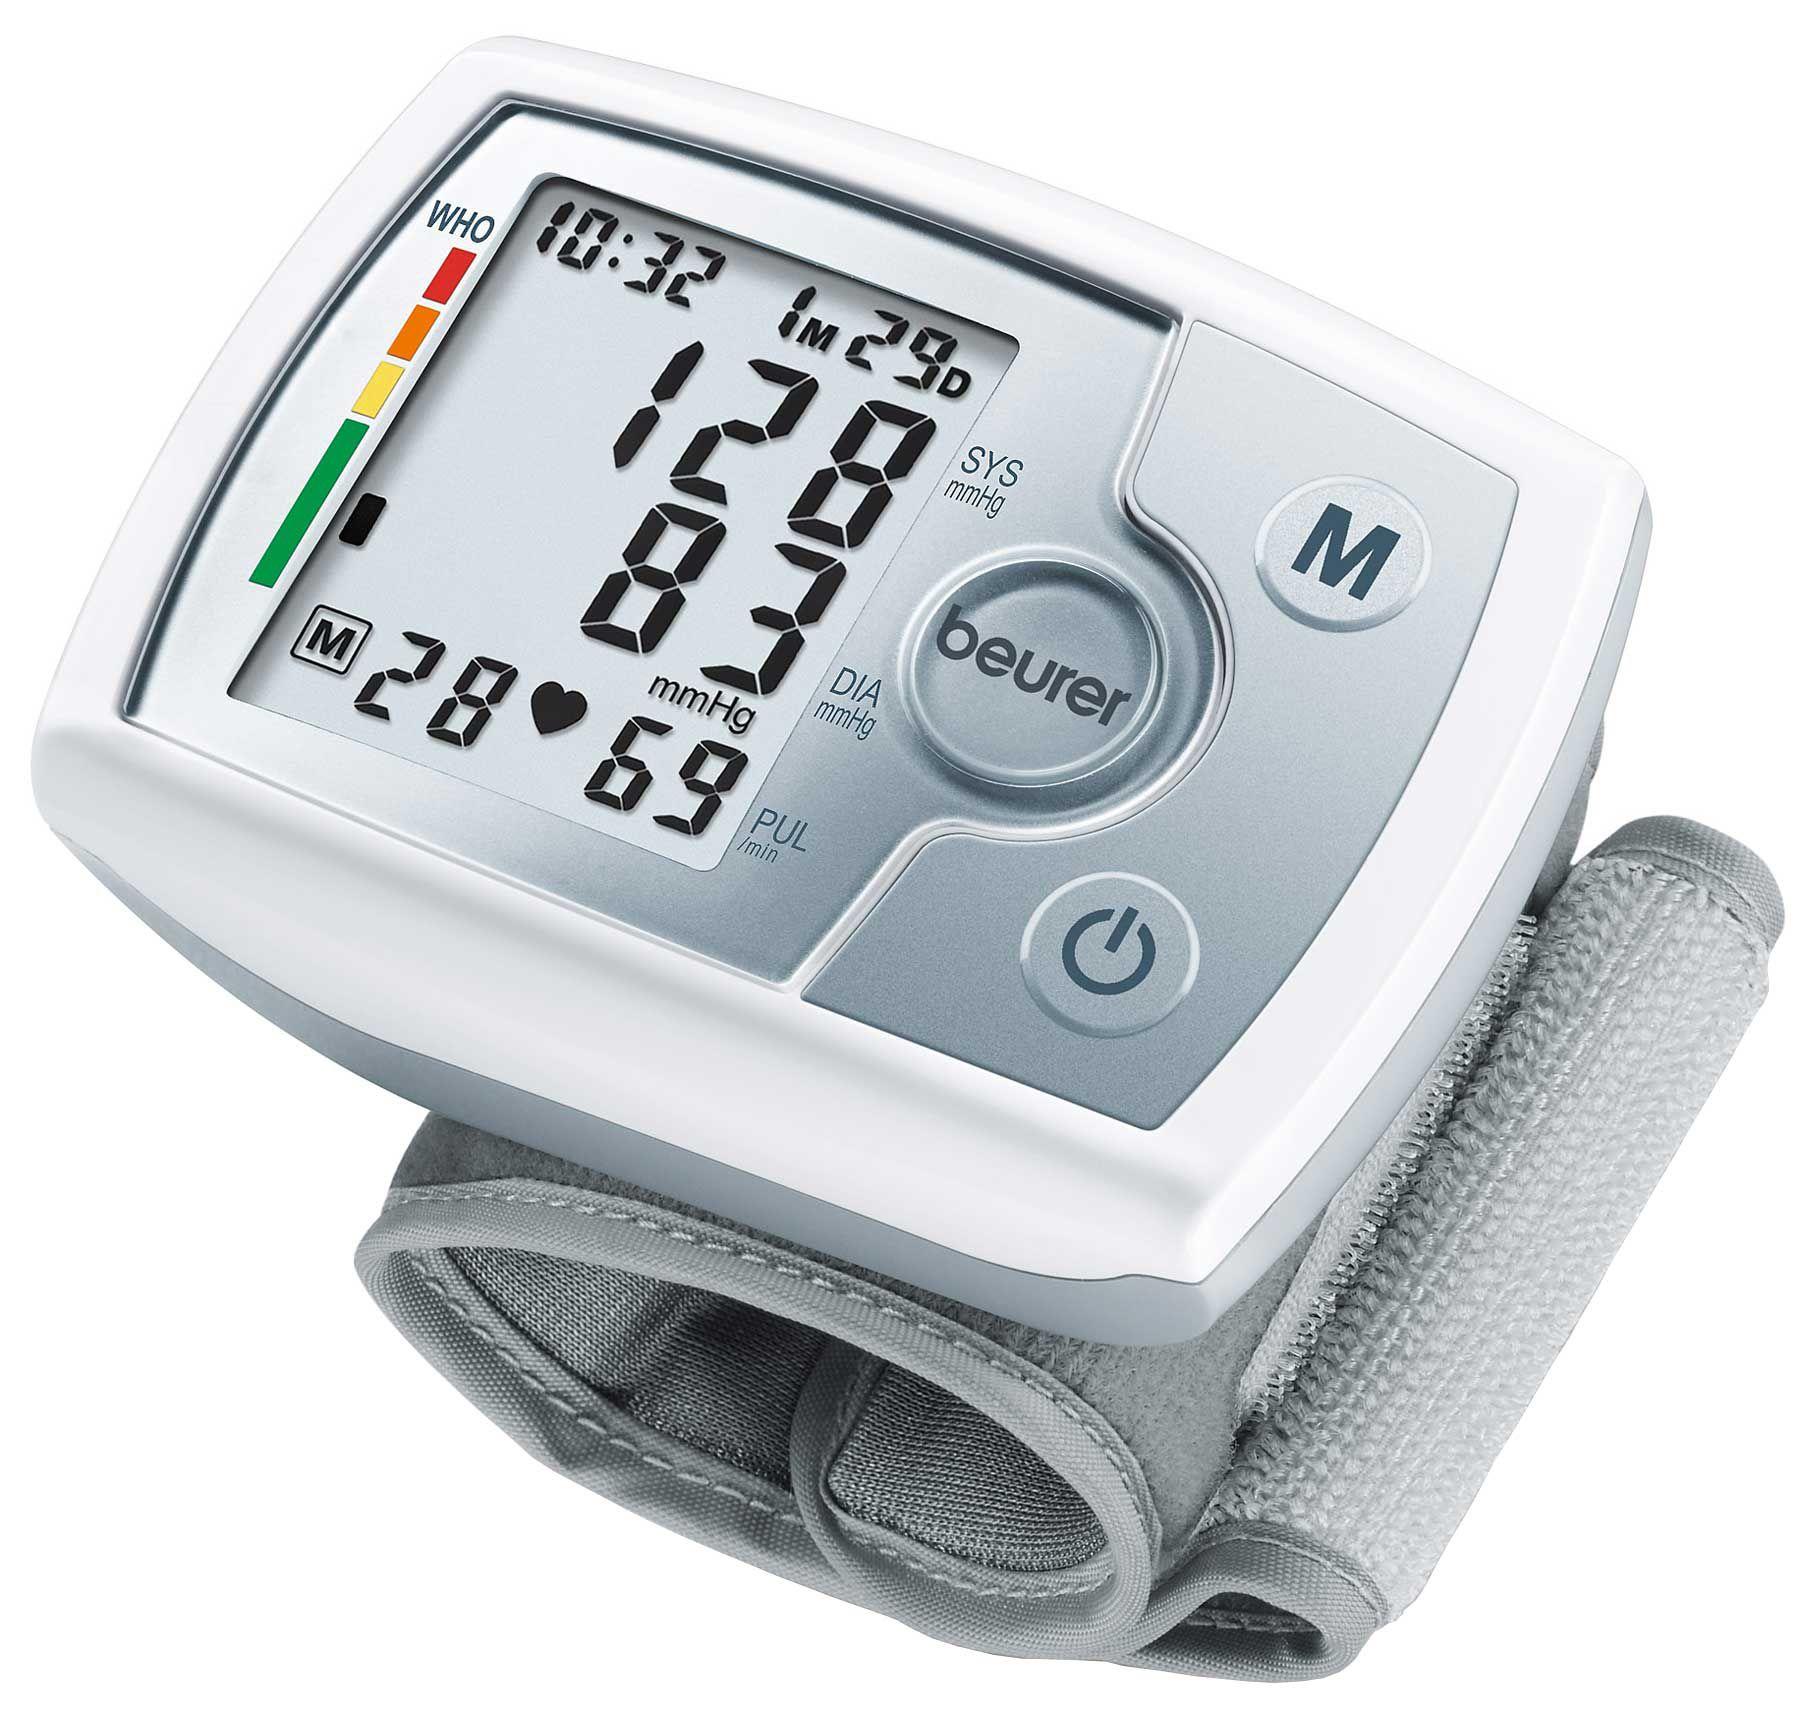 Beurer BC 31 asinsspiediena mērītājs